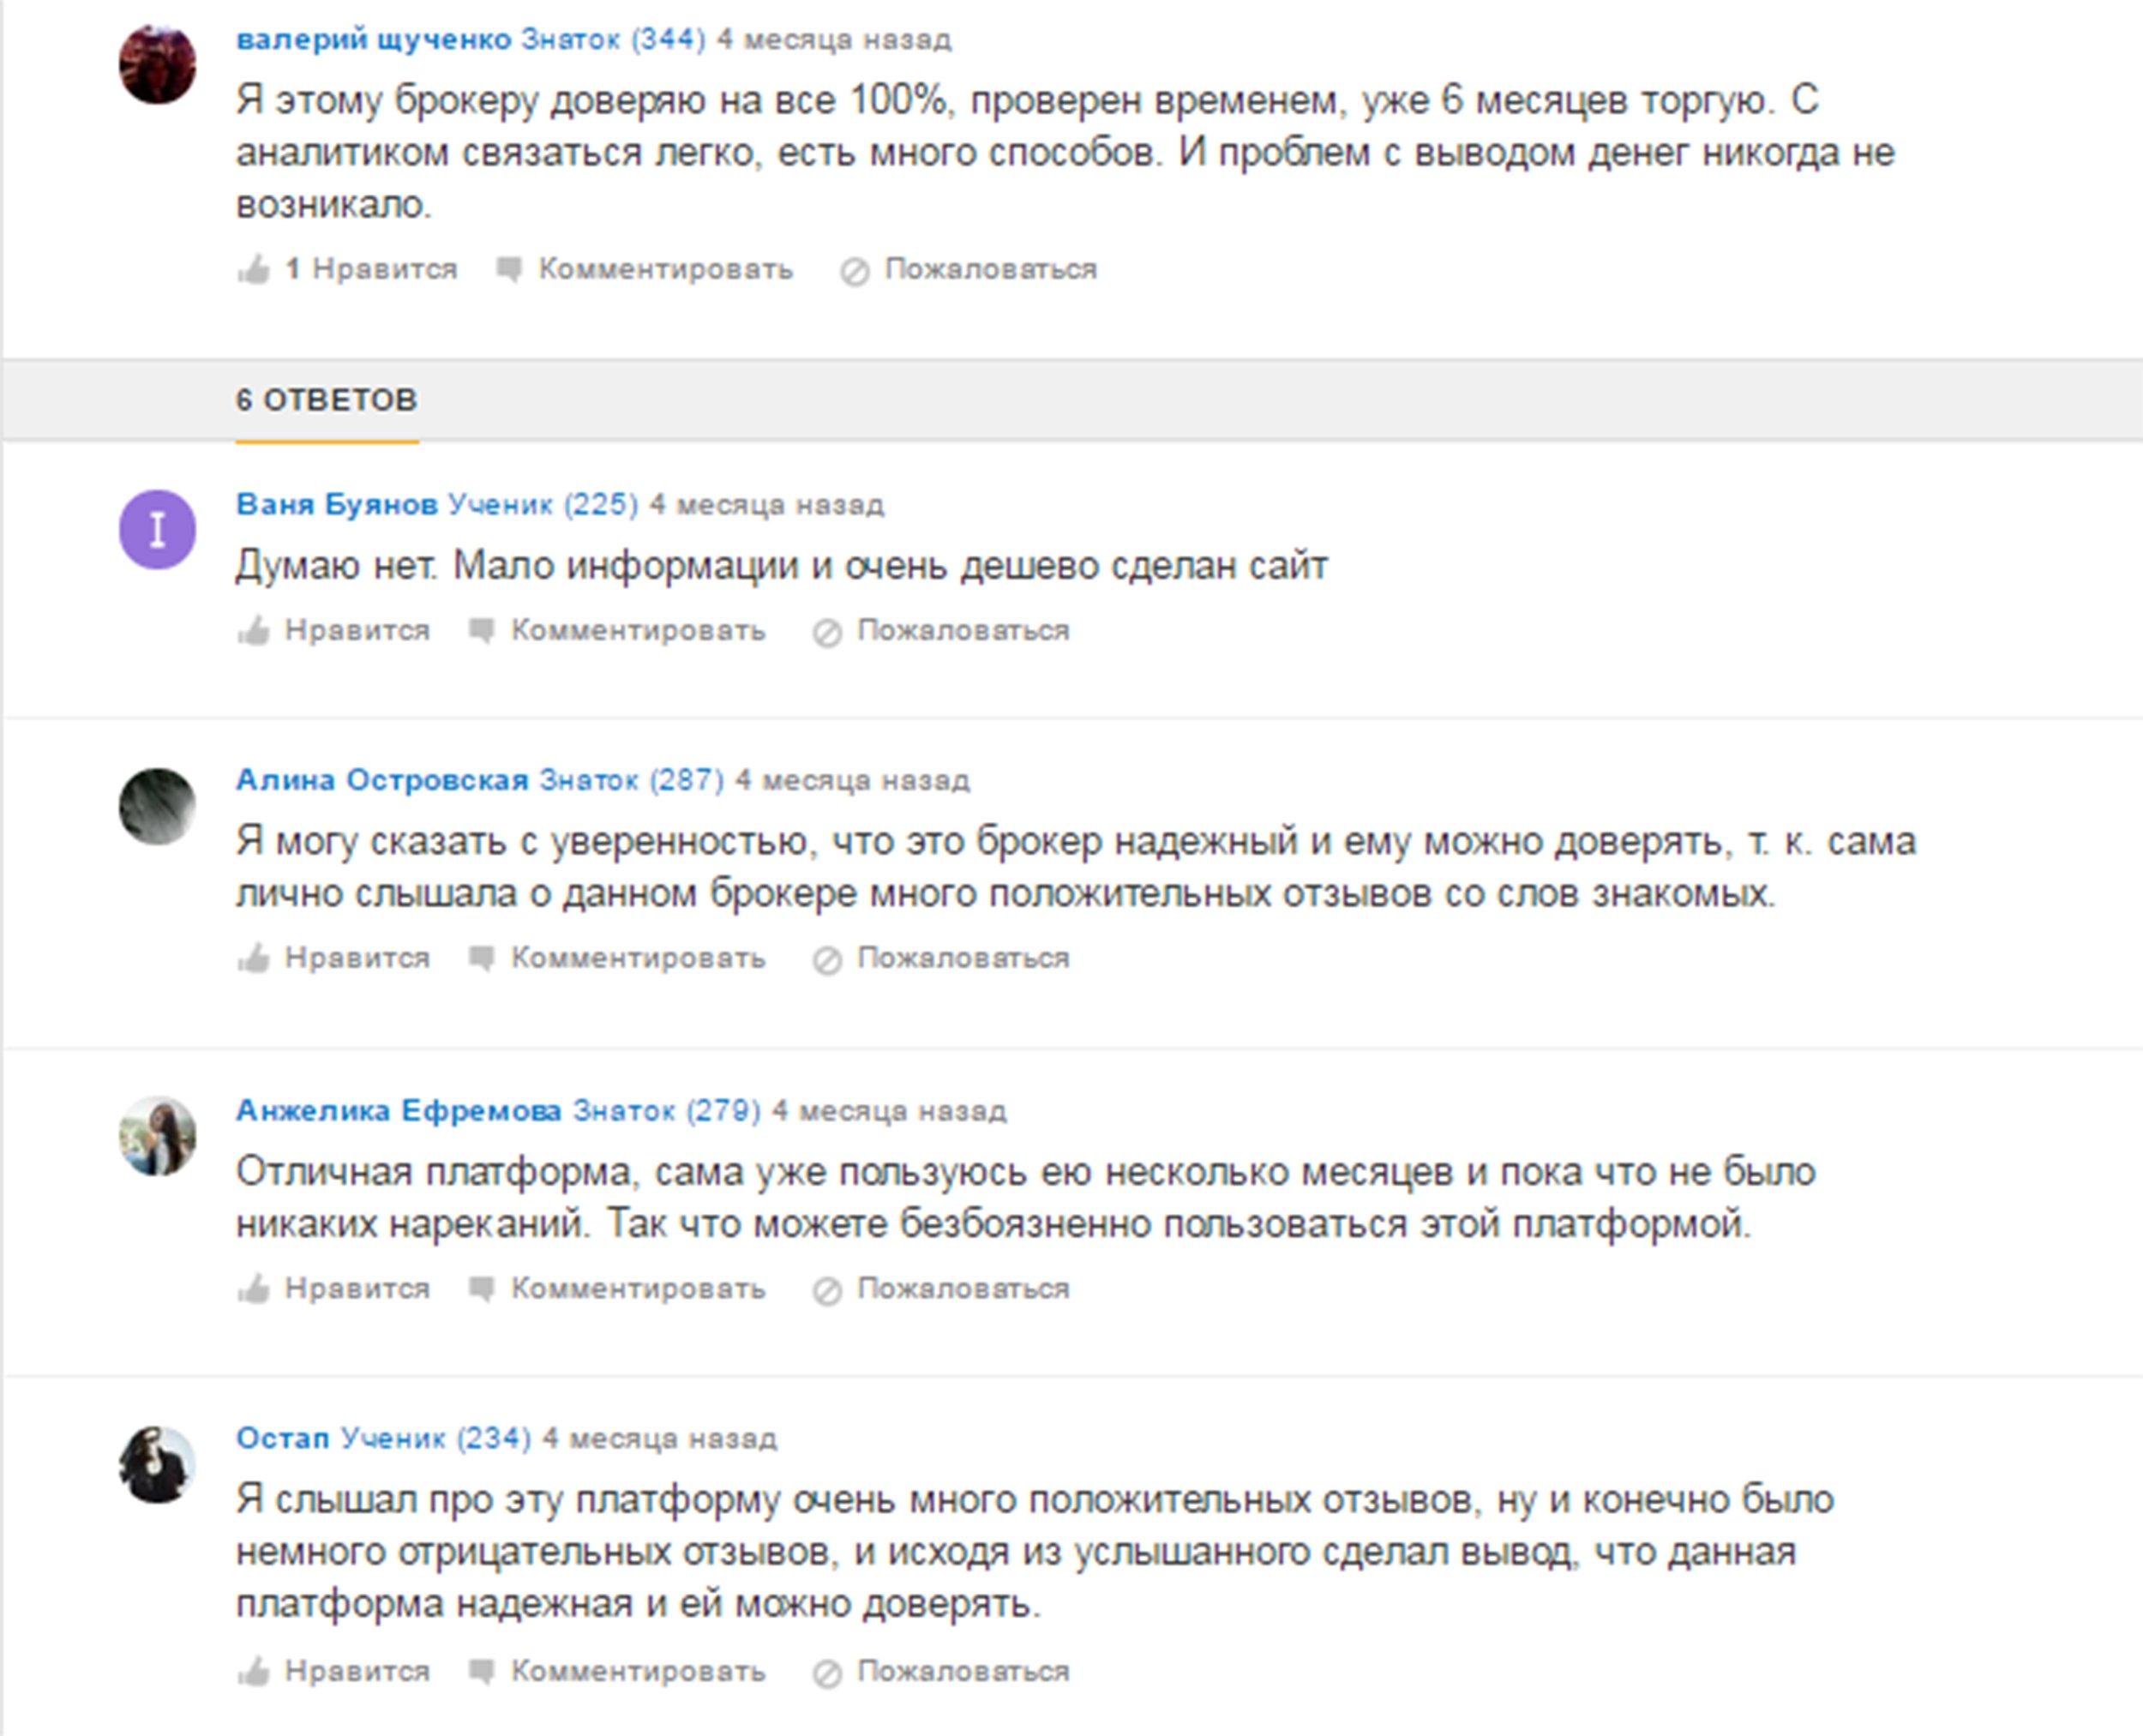 Отзывы на форуме о брокере BFOption